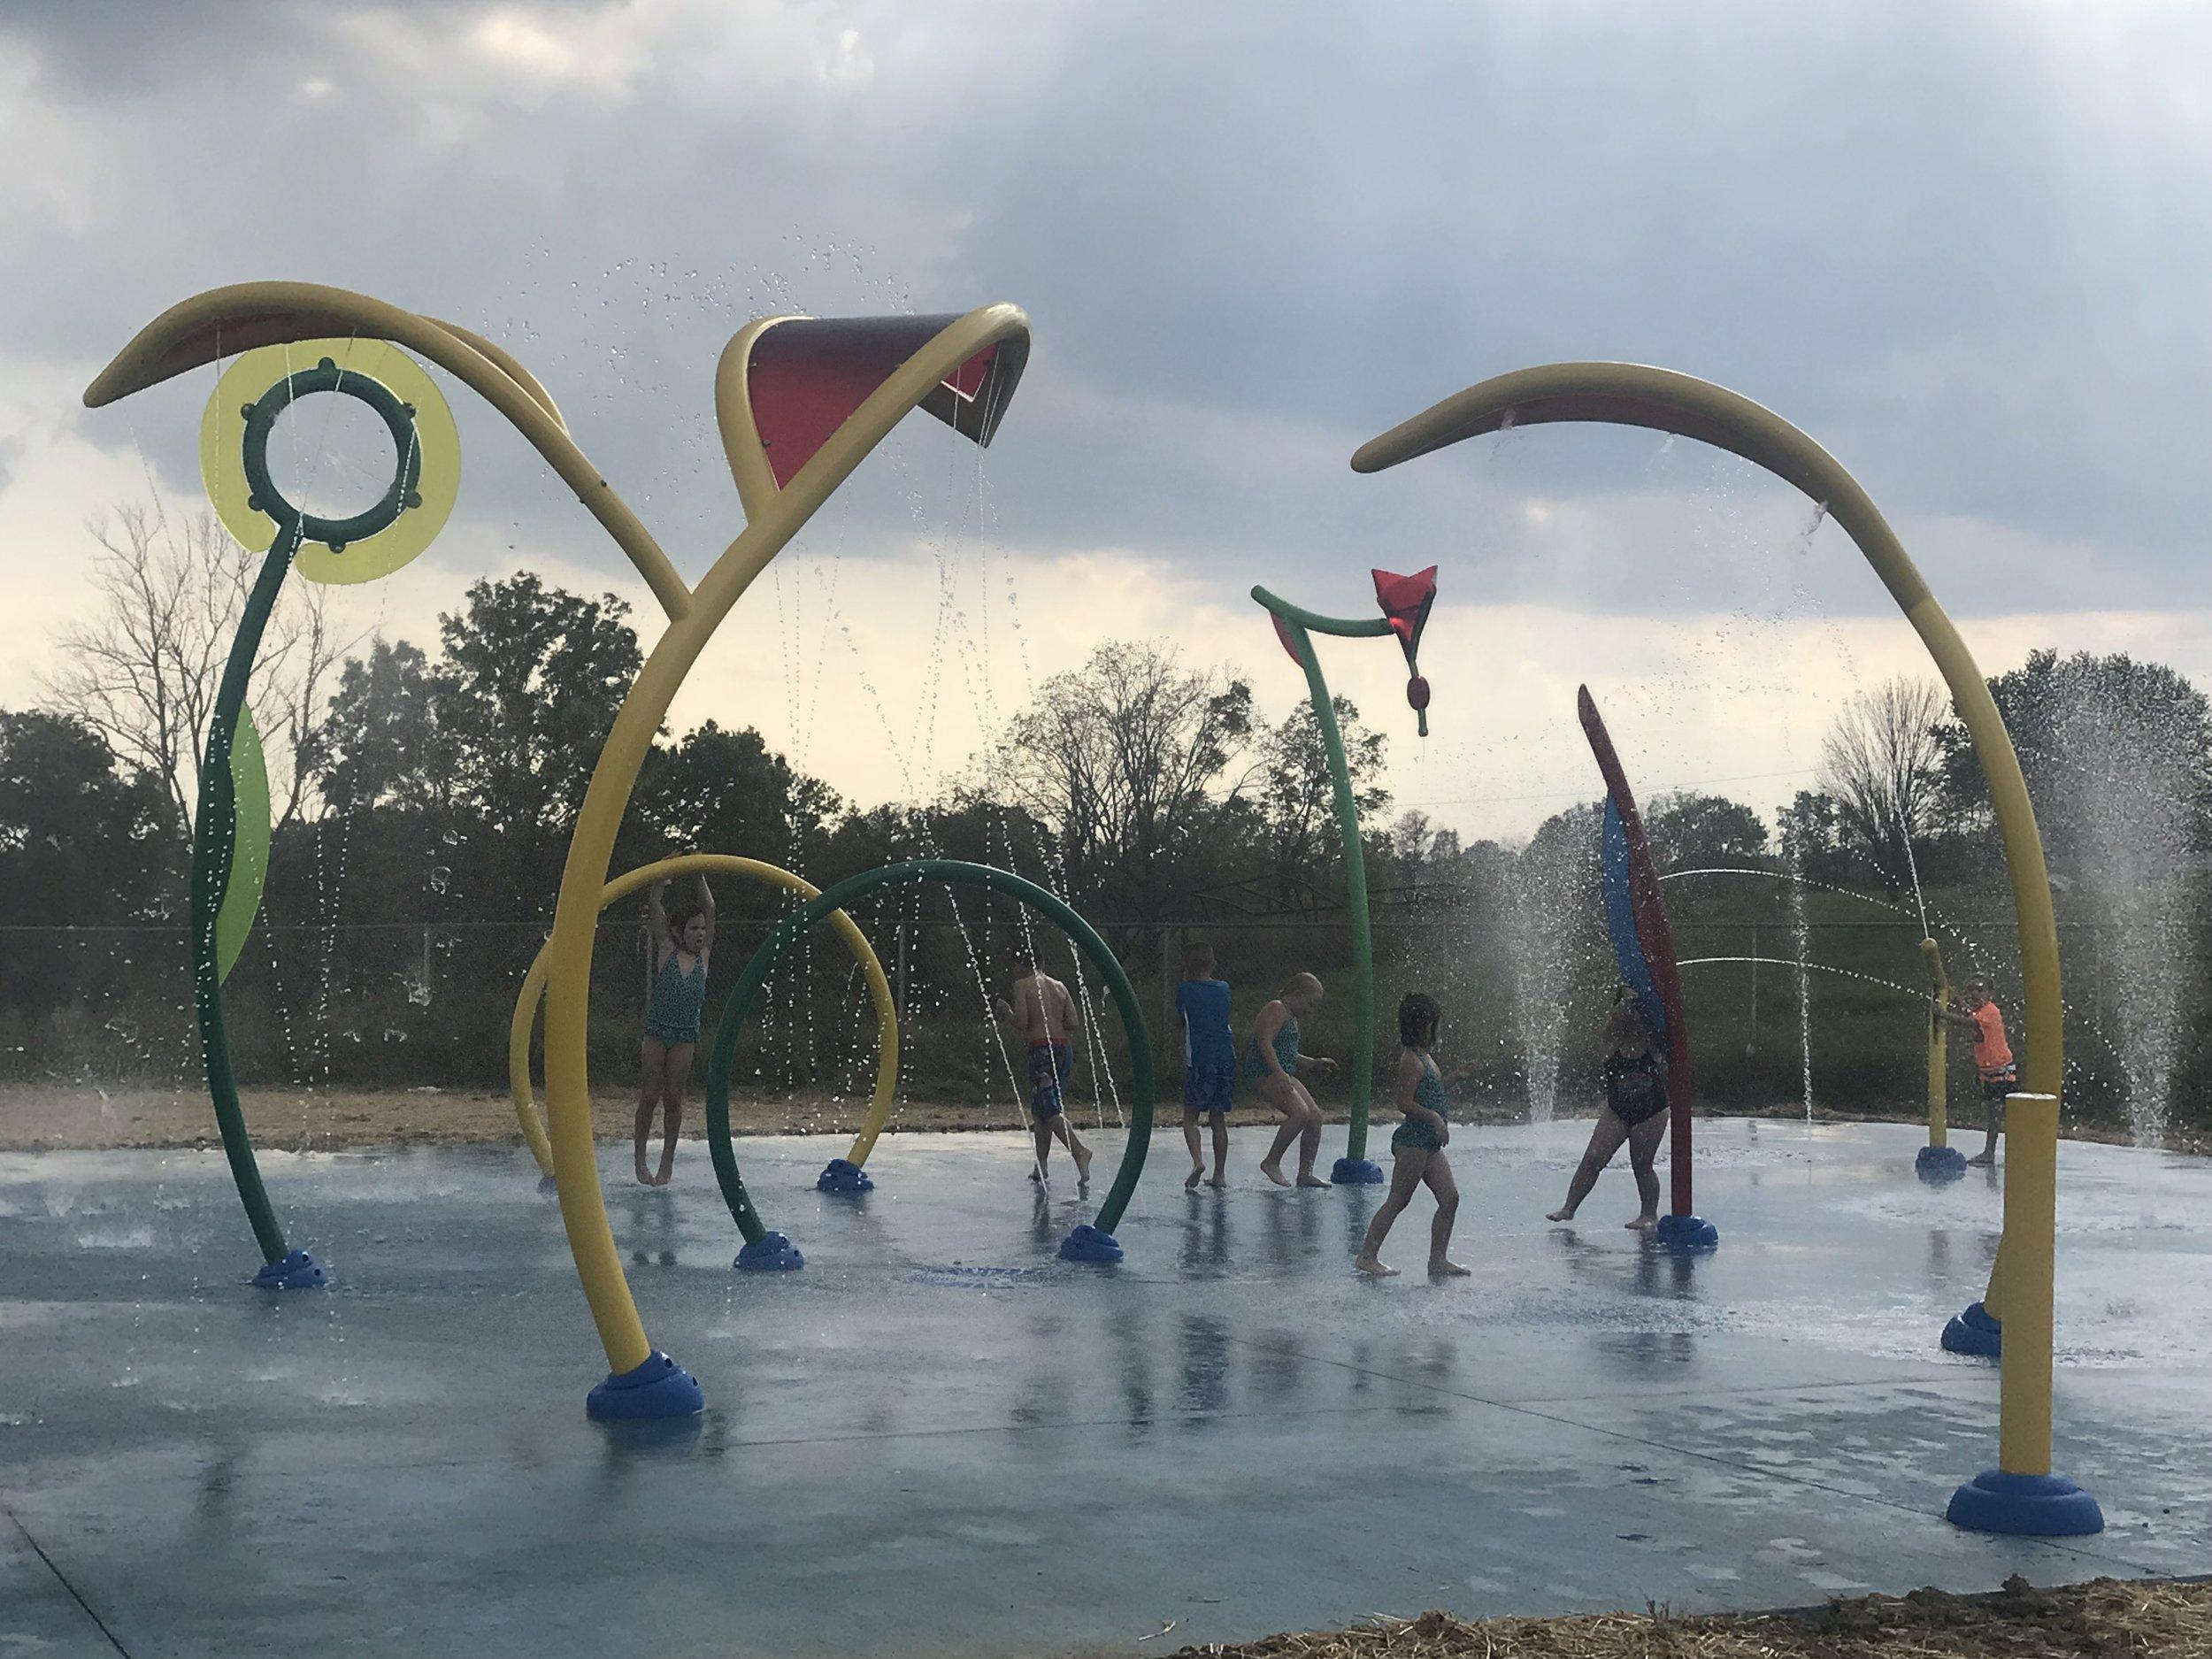 Splash Park in Williamstown